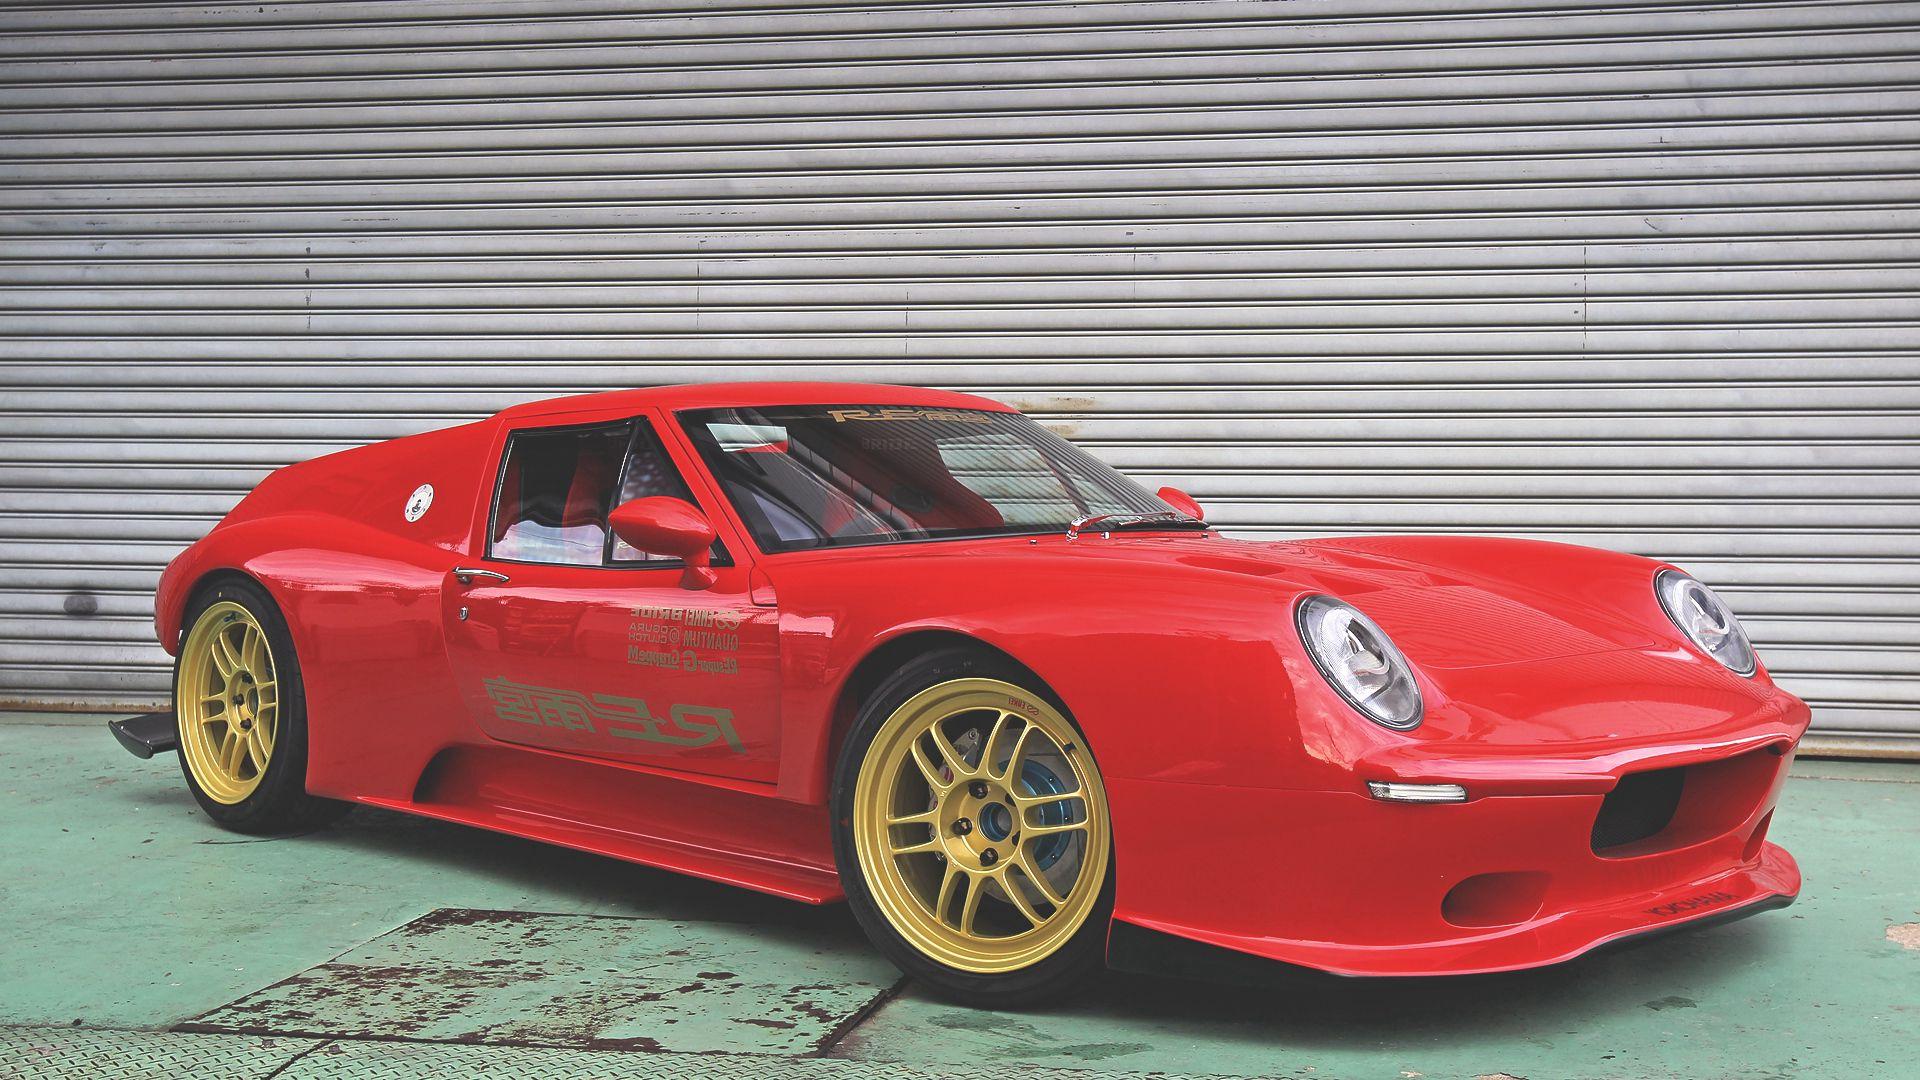 76363 скачать обои Тачки (Cars), Lotus Europa, Машины, Красный, Вид Сбоку, Тюнинг - заставки и картинки бесплатно